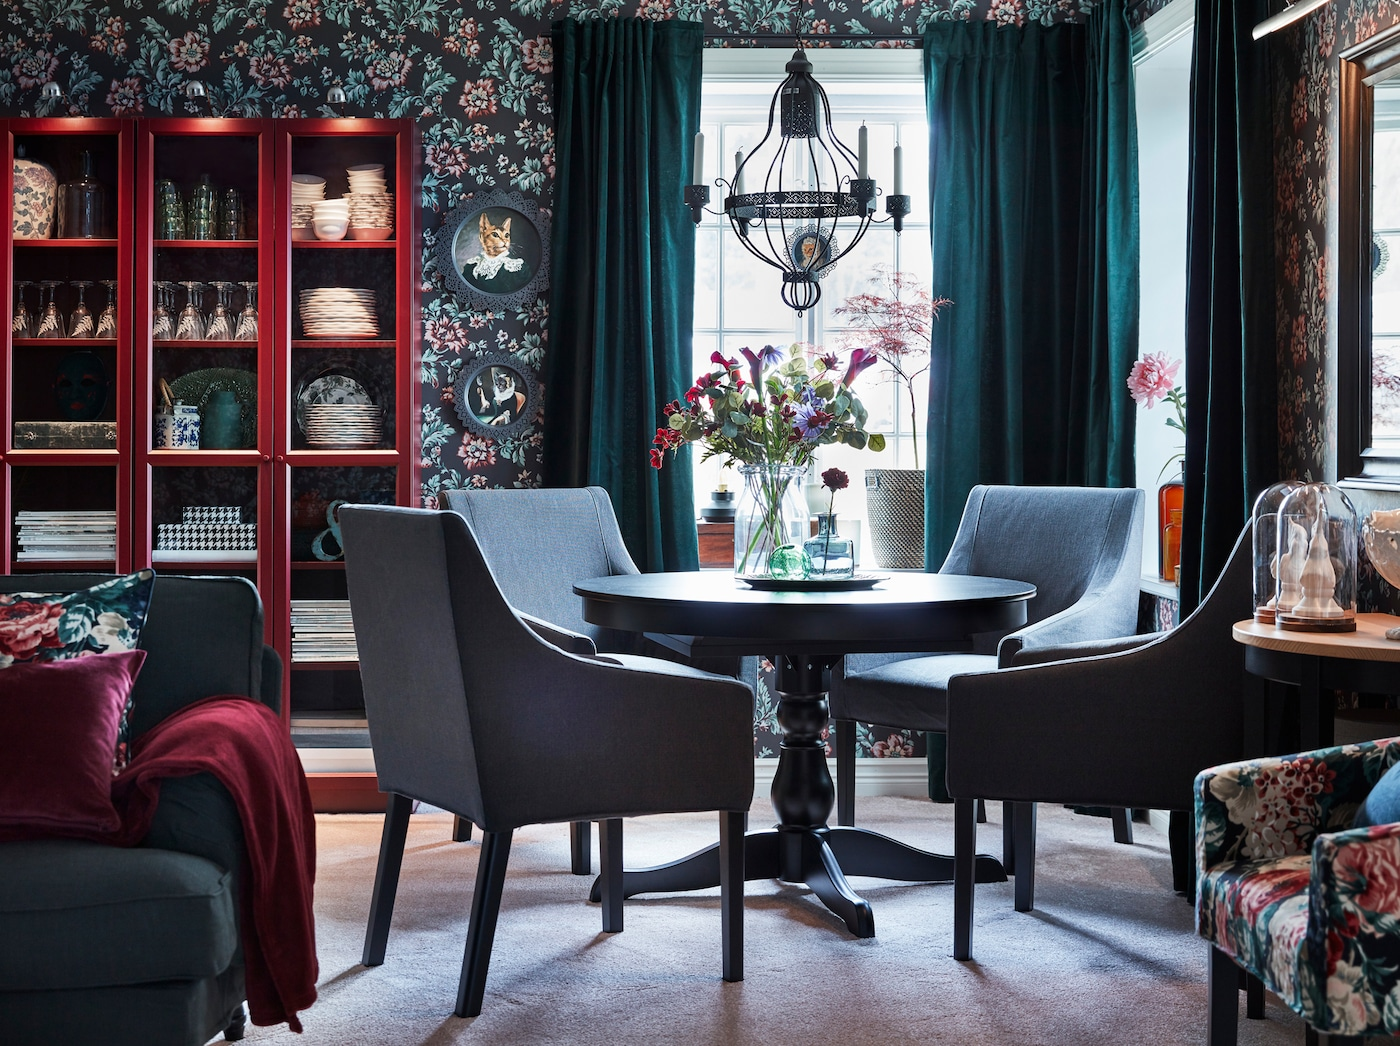 A mesa extensível redonda em preto INGATORP e as cadeiras SAKARIAS em padrões cinzentos e florais combinam com o papel de parede floral vintage e com os cortinados de veludo em verde escuro do espaço de refeição.